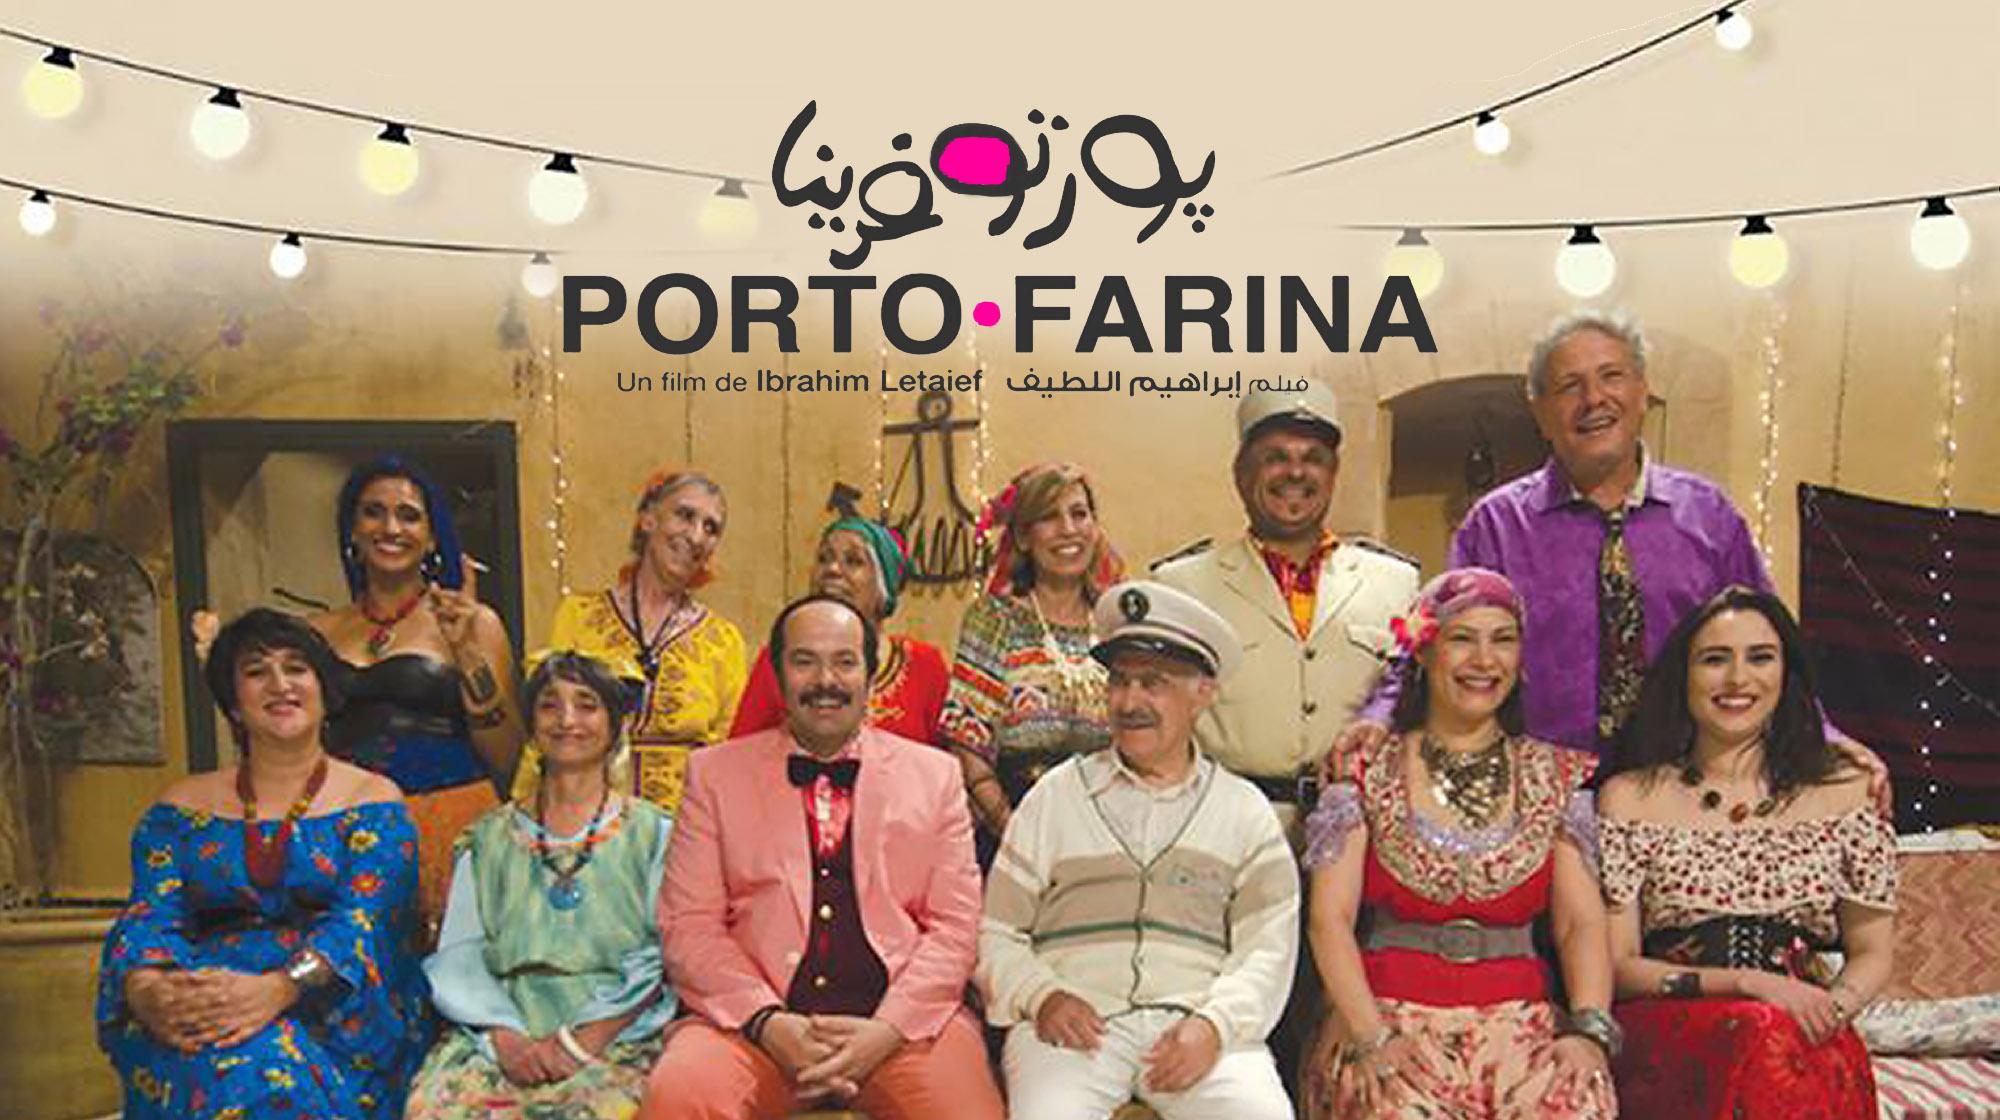 PORTO-FARINA